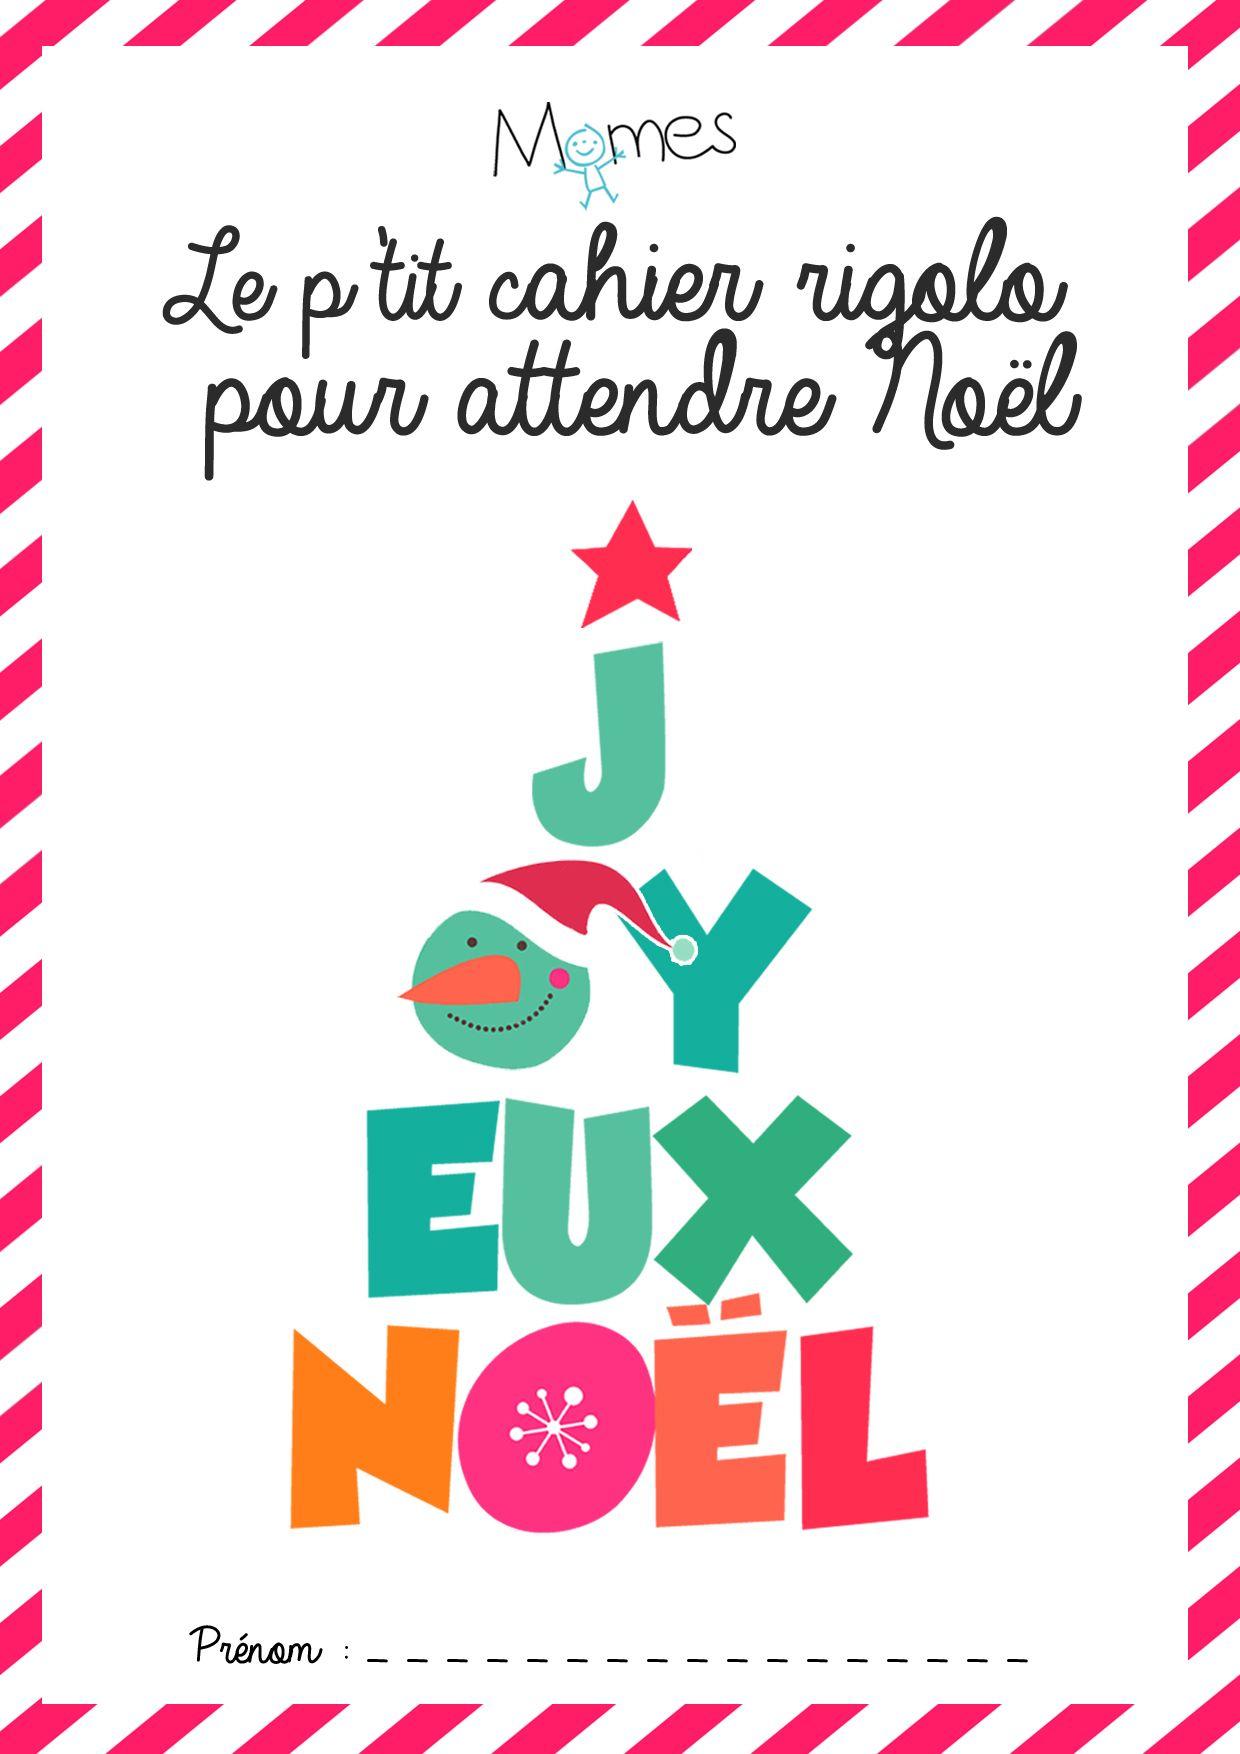 Le Cahier D'activités De Noël À Imprimer | Activités De Noël concernant Cahier D Activité A Imprimer